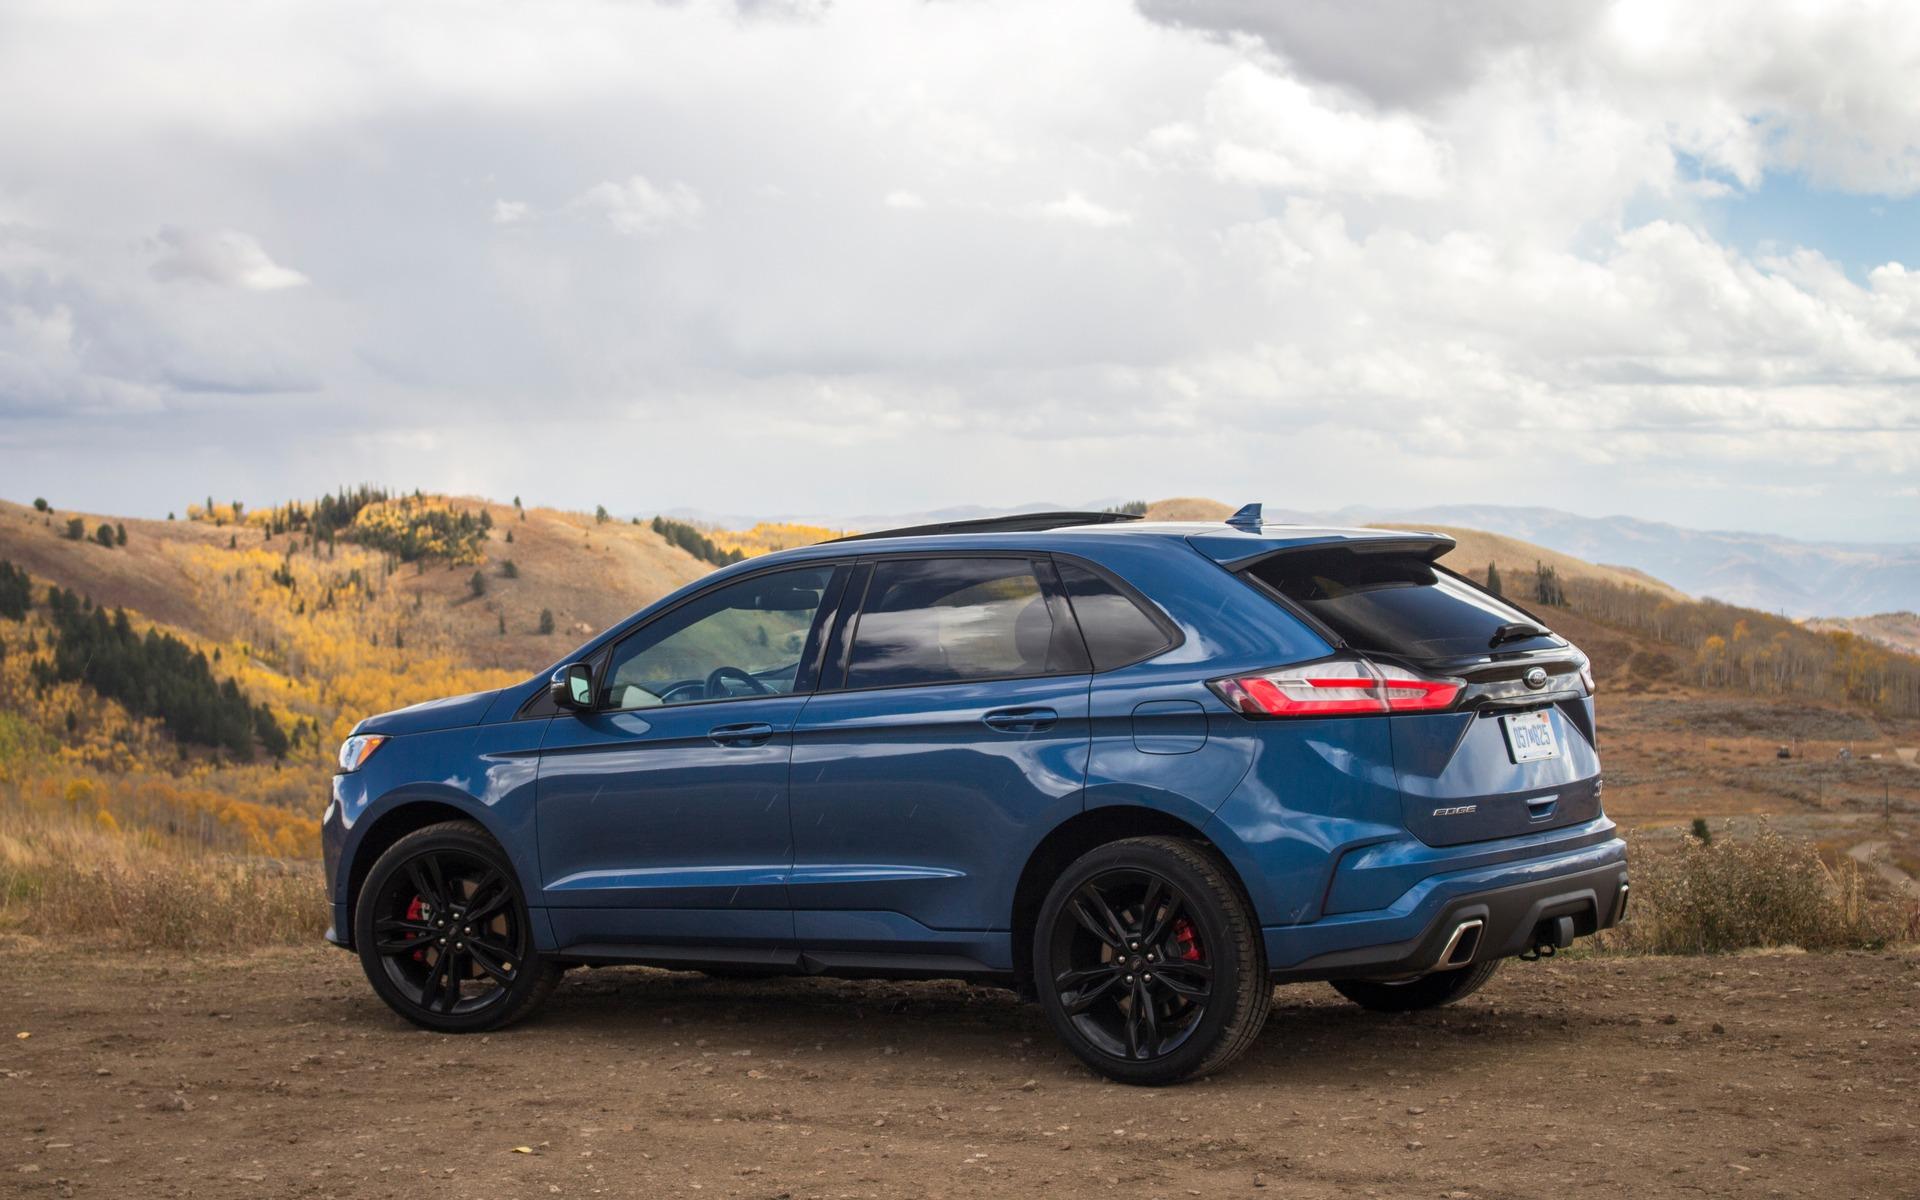 Ford Edge ST 2019 : nous en sommes rendus là 350504_Ford_Edge_ST_2019_quand_le_marketing_prend_la_releve